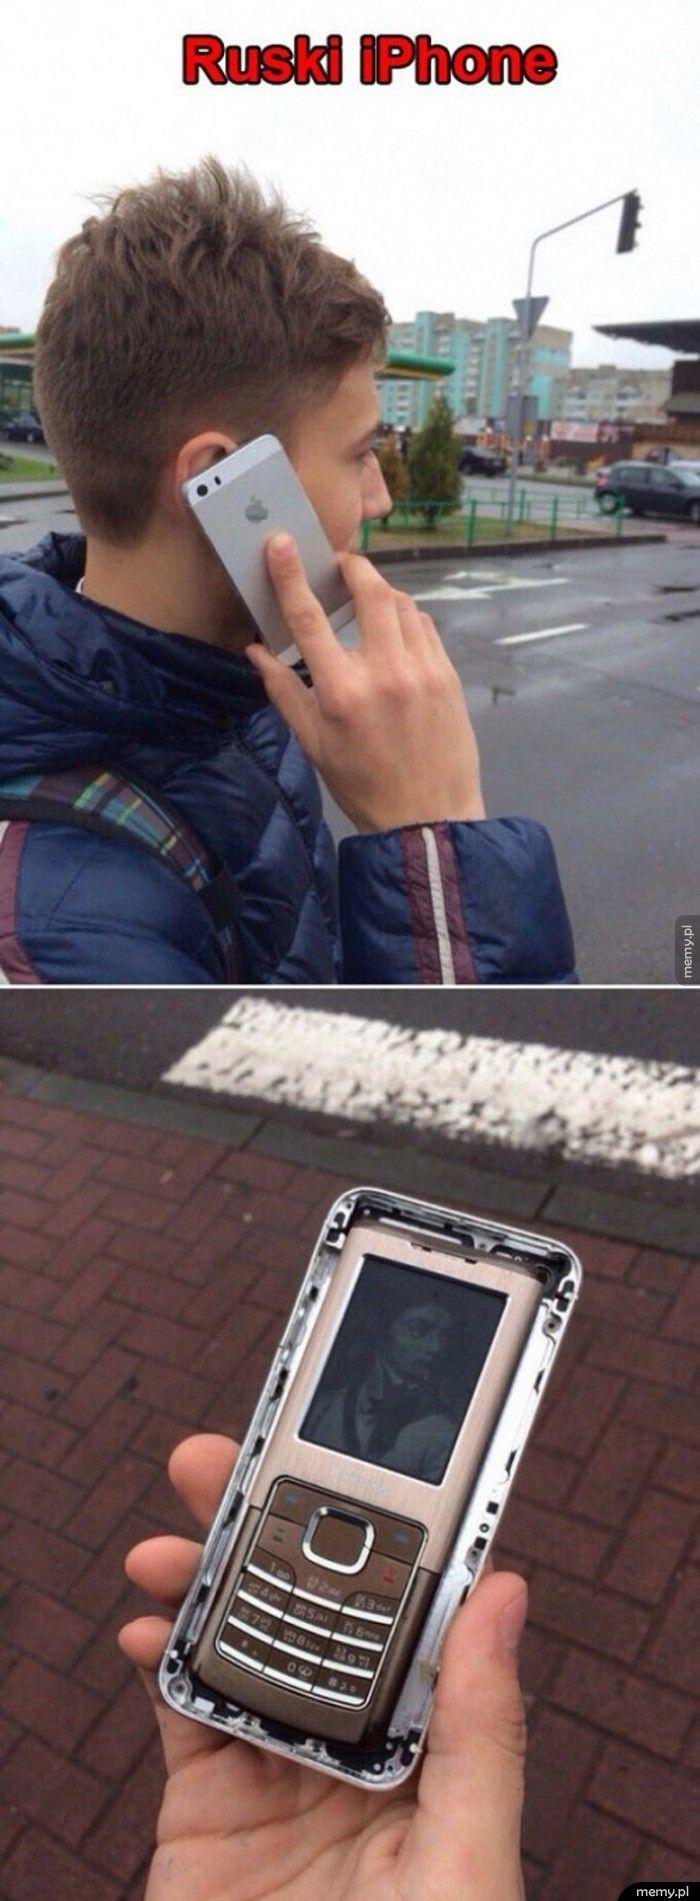 Ruski iPhone